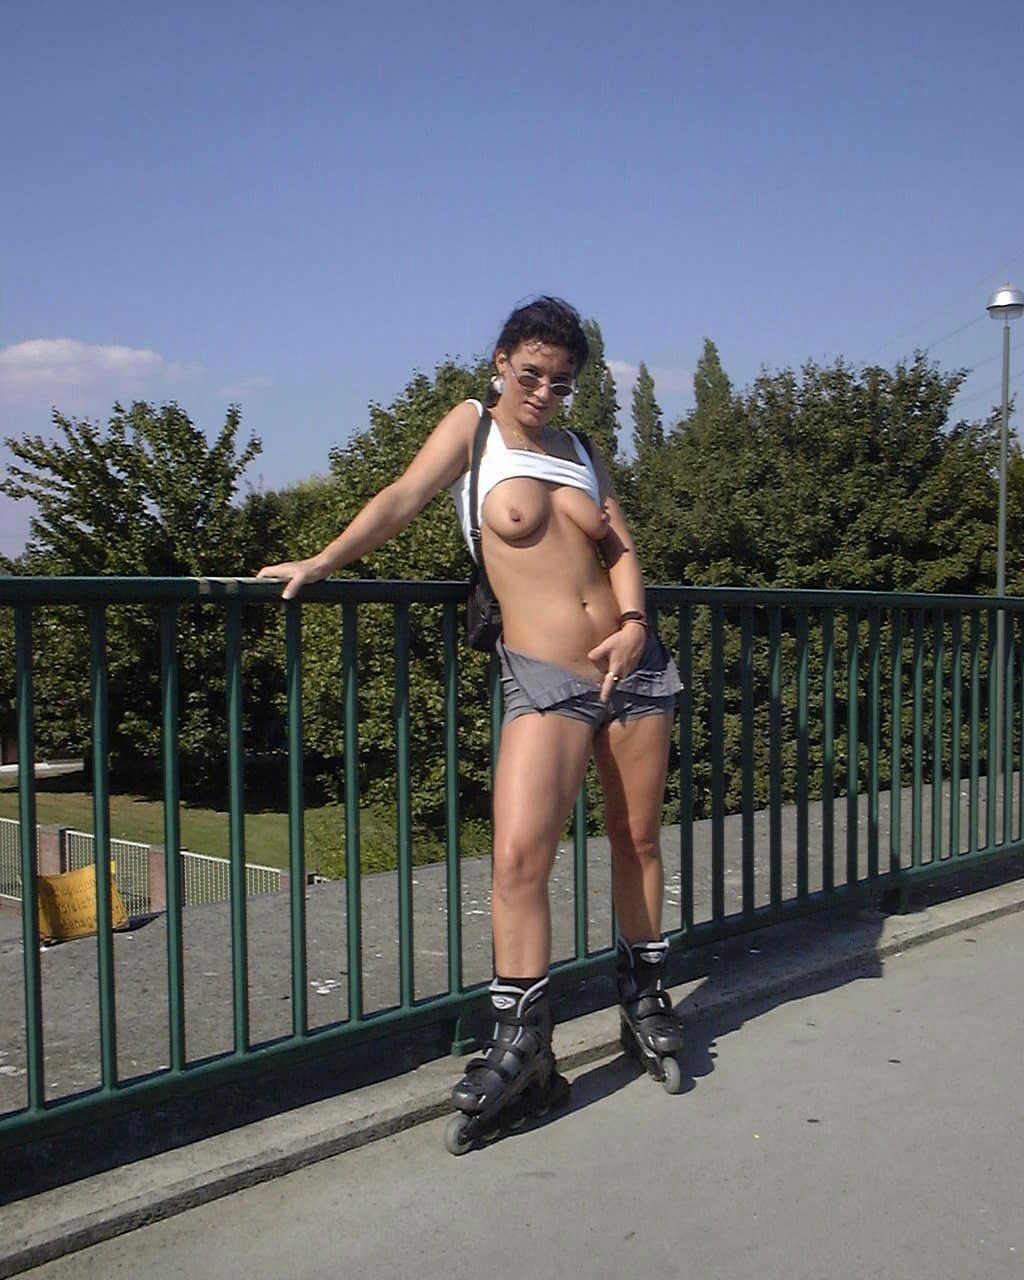 Женщина хвастается писей вернувшись с прогулки смотреть эротику